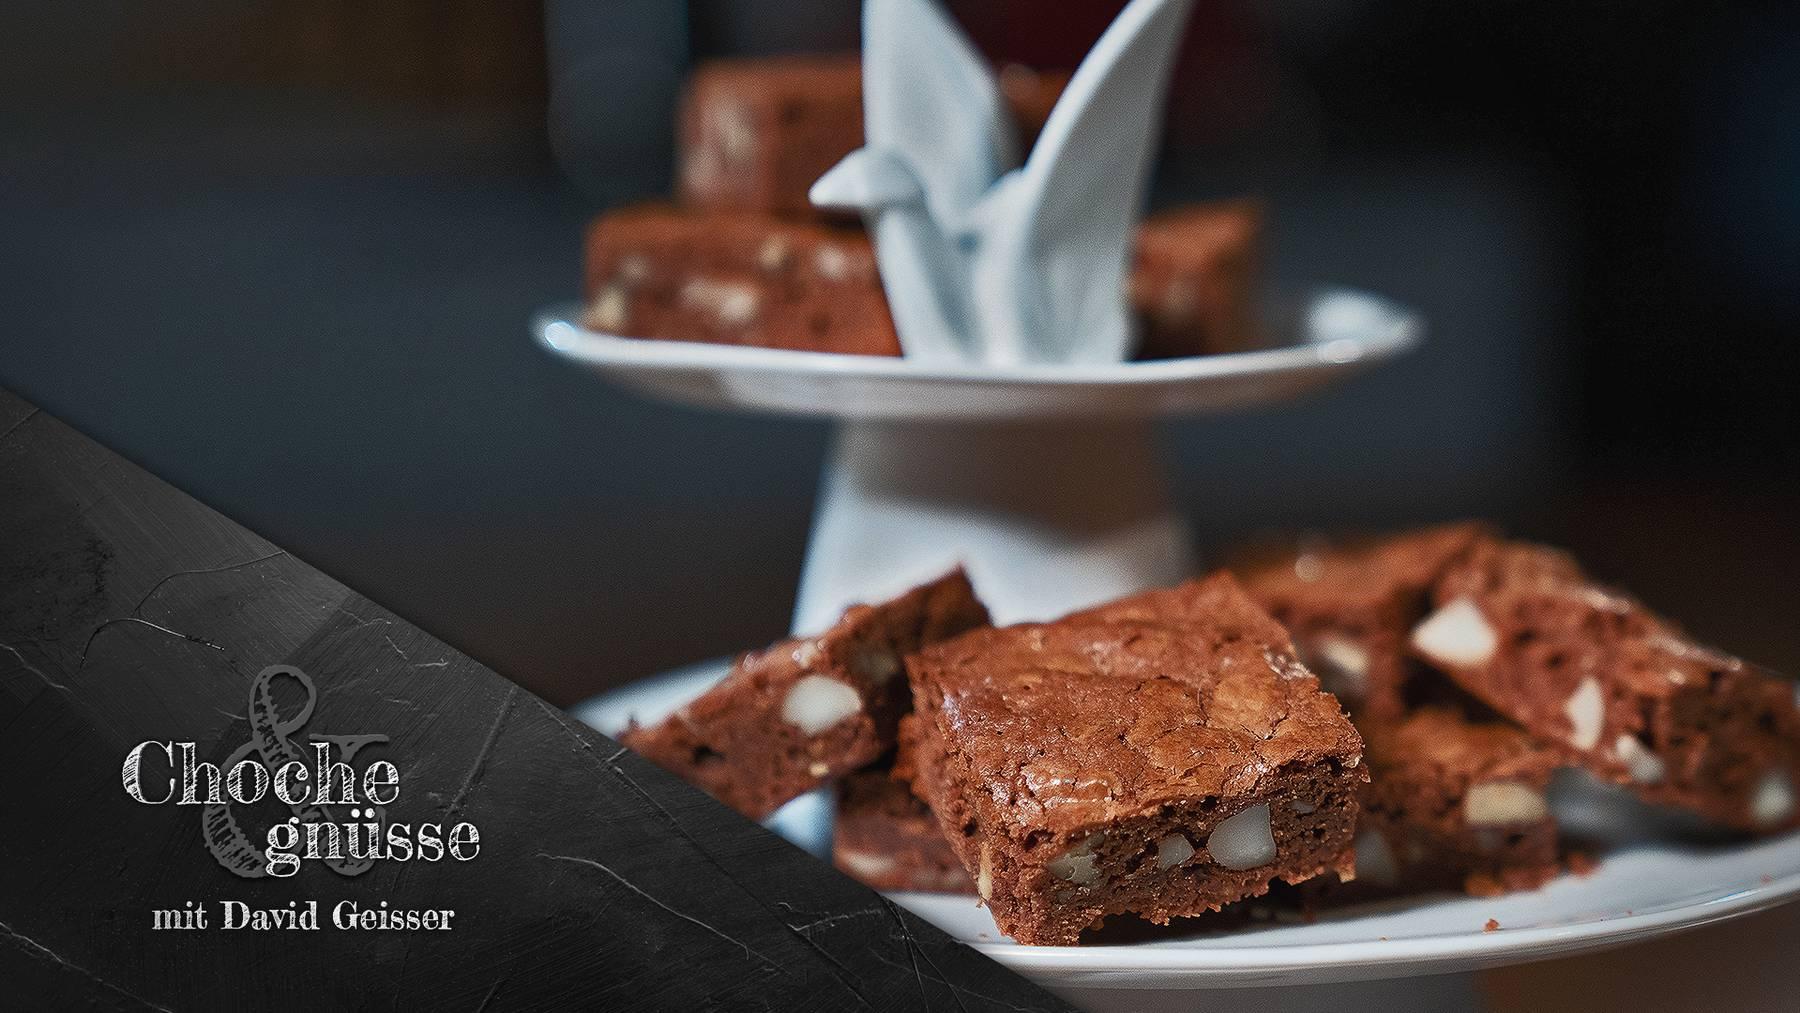 Choche & gnüsse mit David Geisser, Brownies